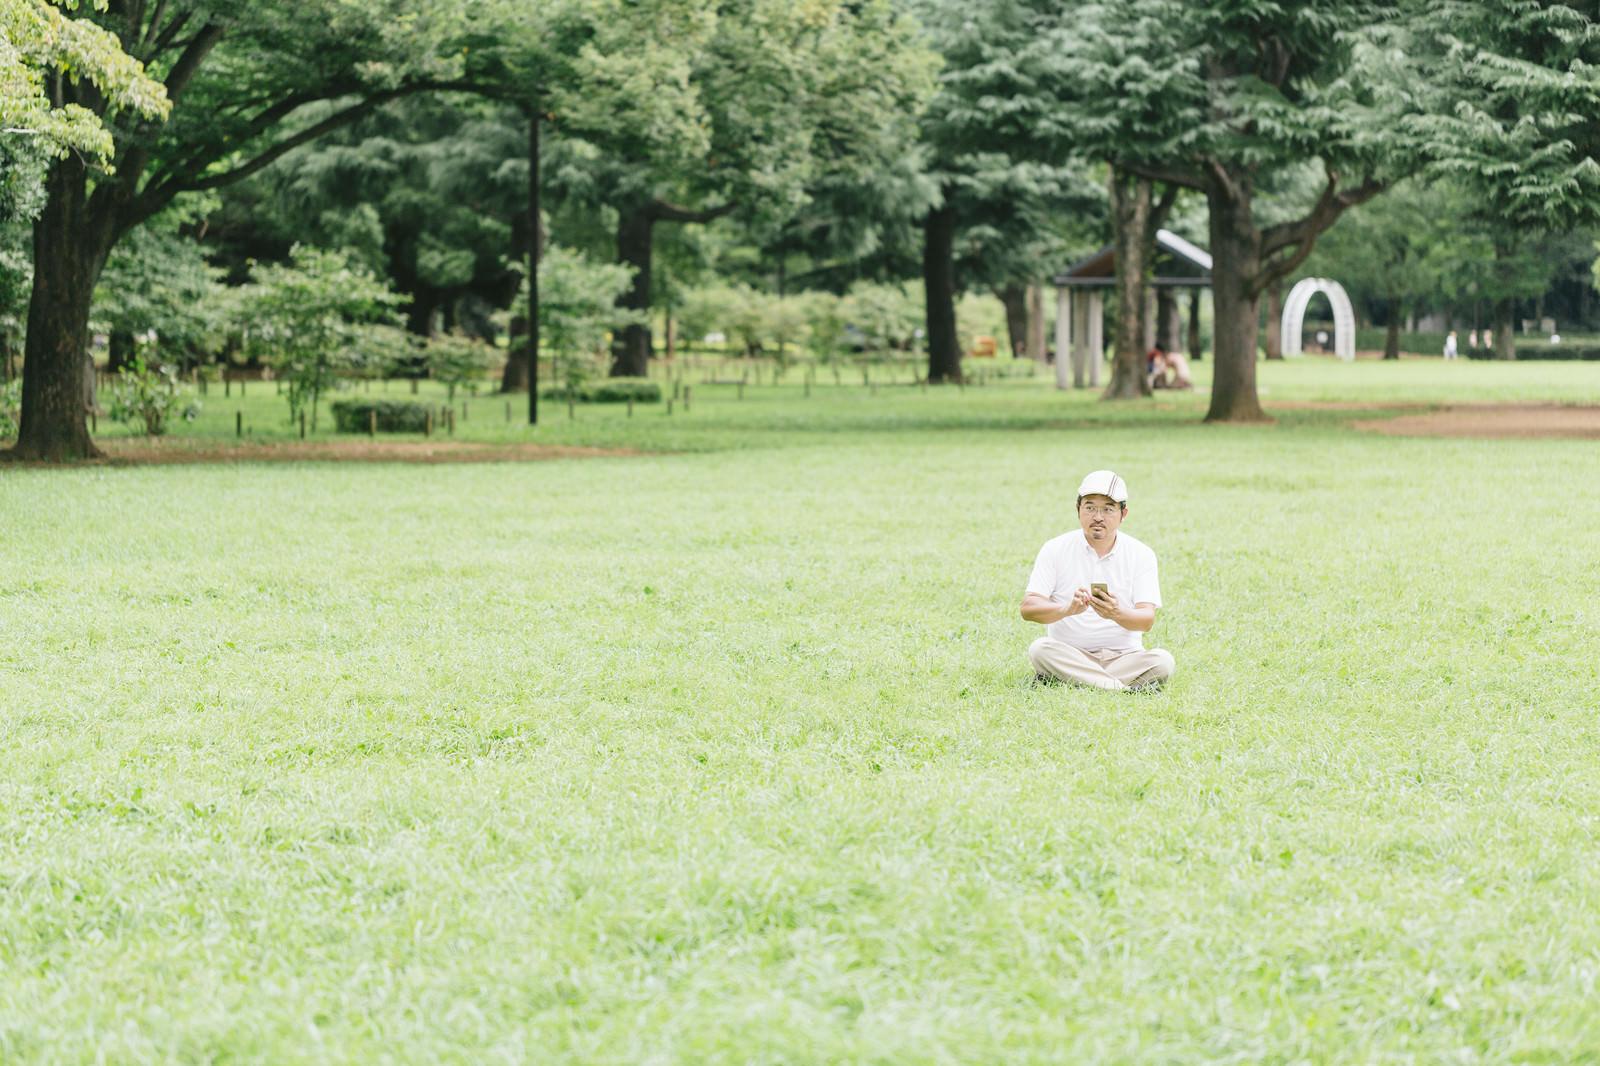 「息抜きに芝の上でスマホゲームをプレイ」の写真